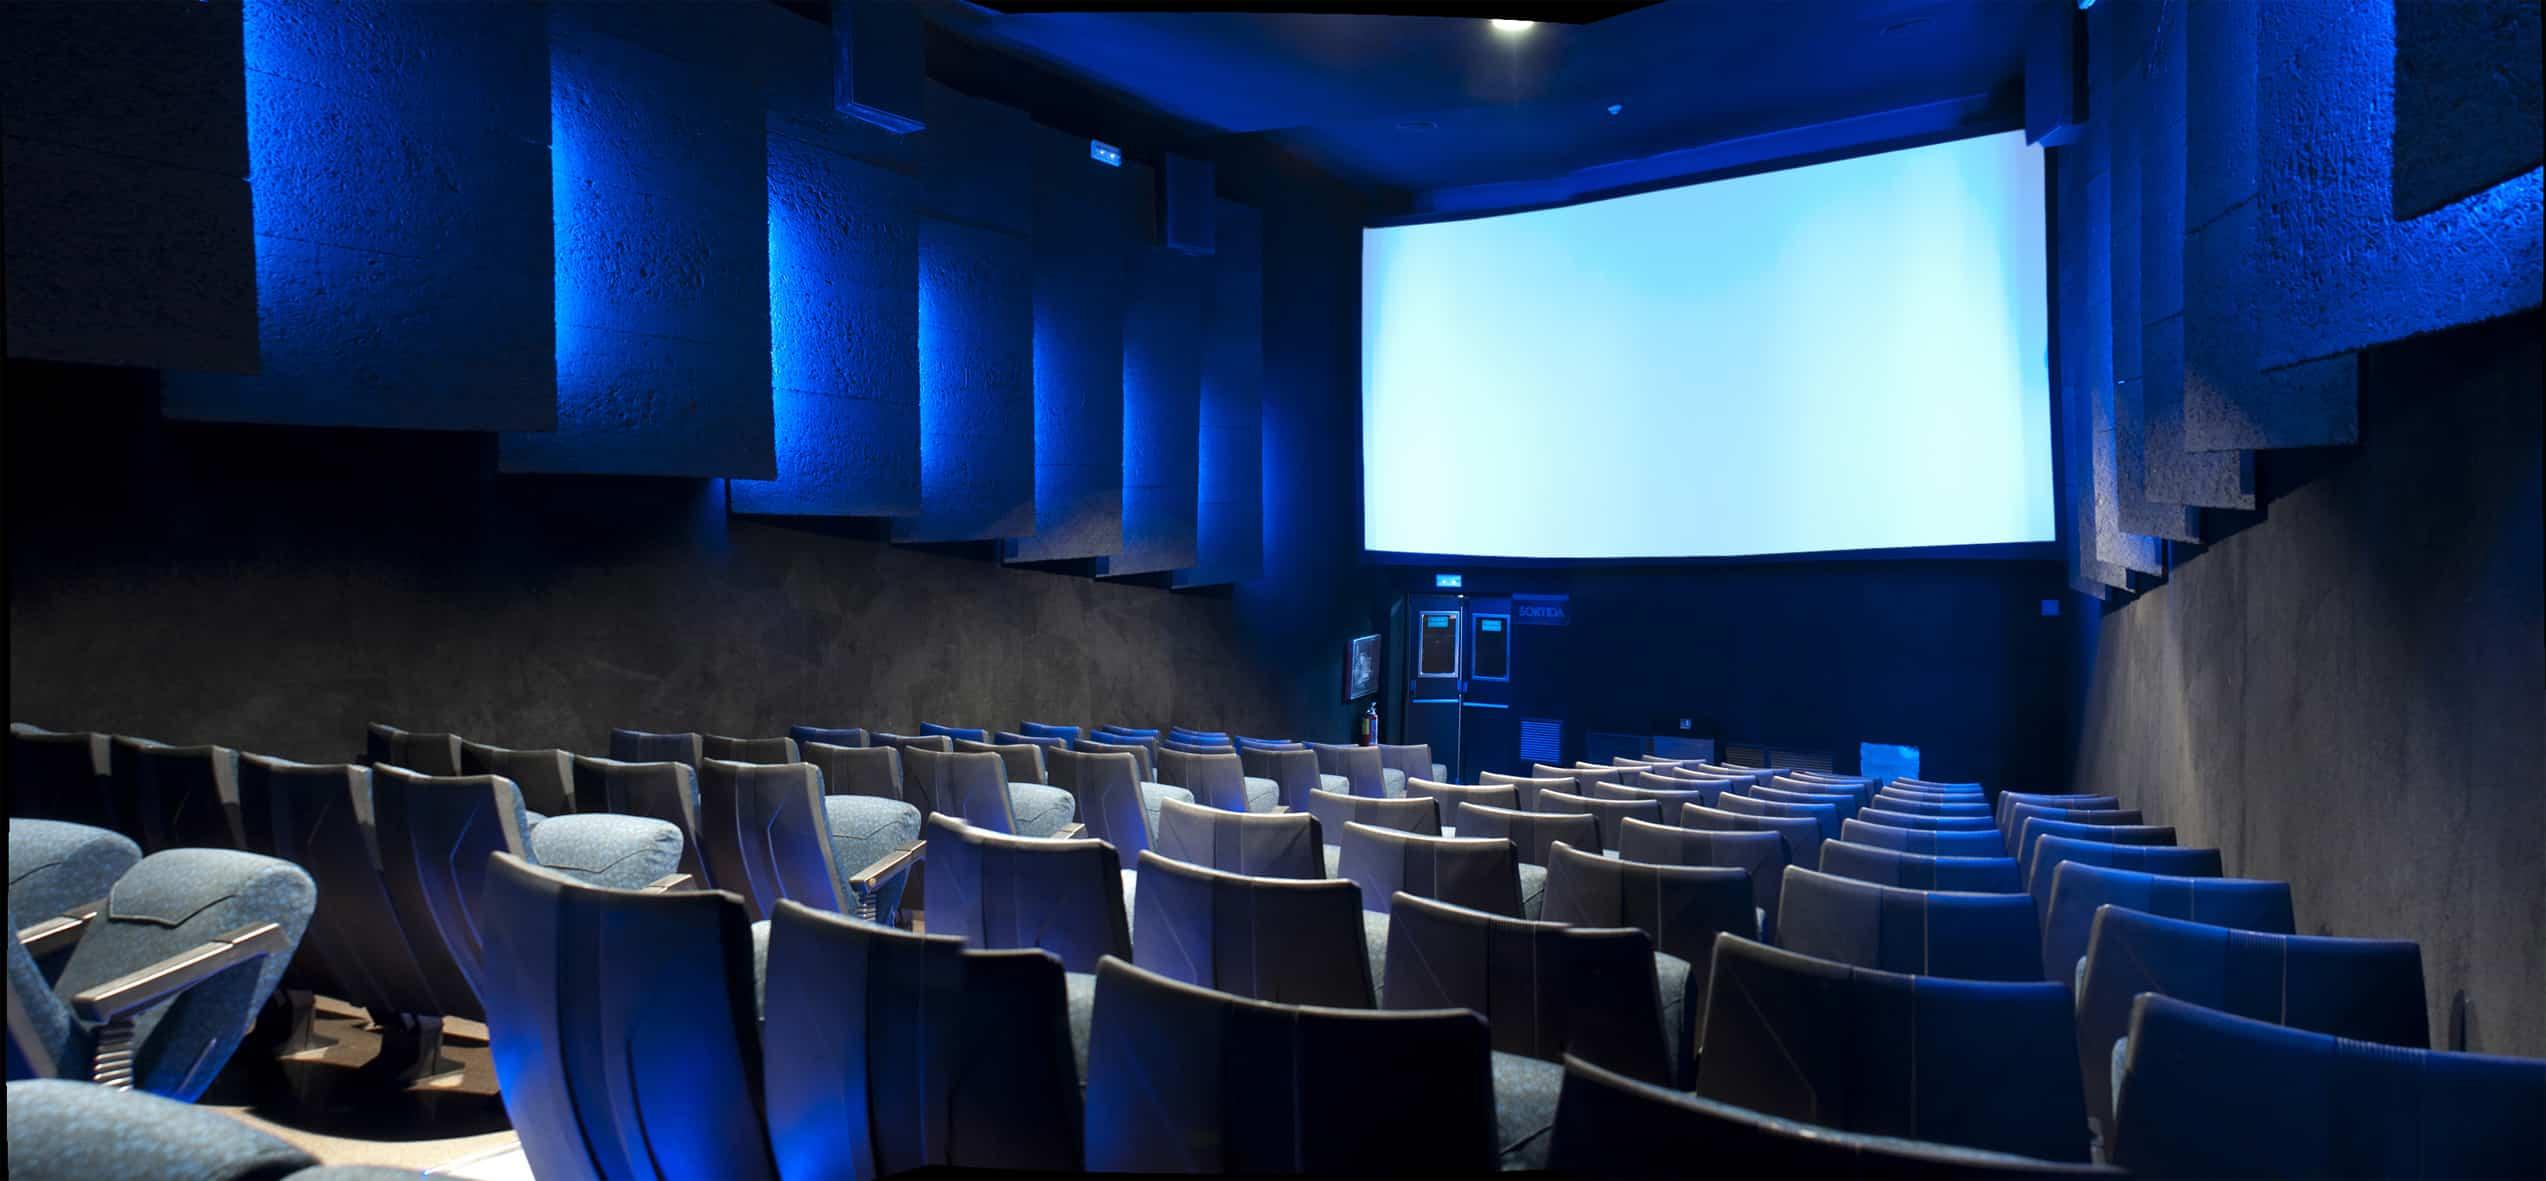 estructura de las salas de cine